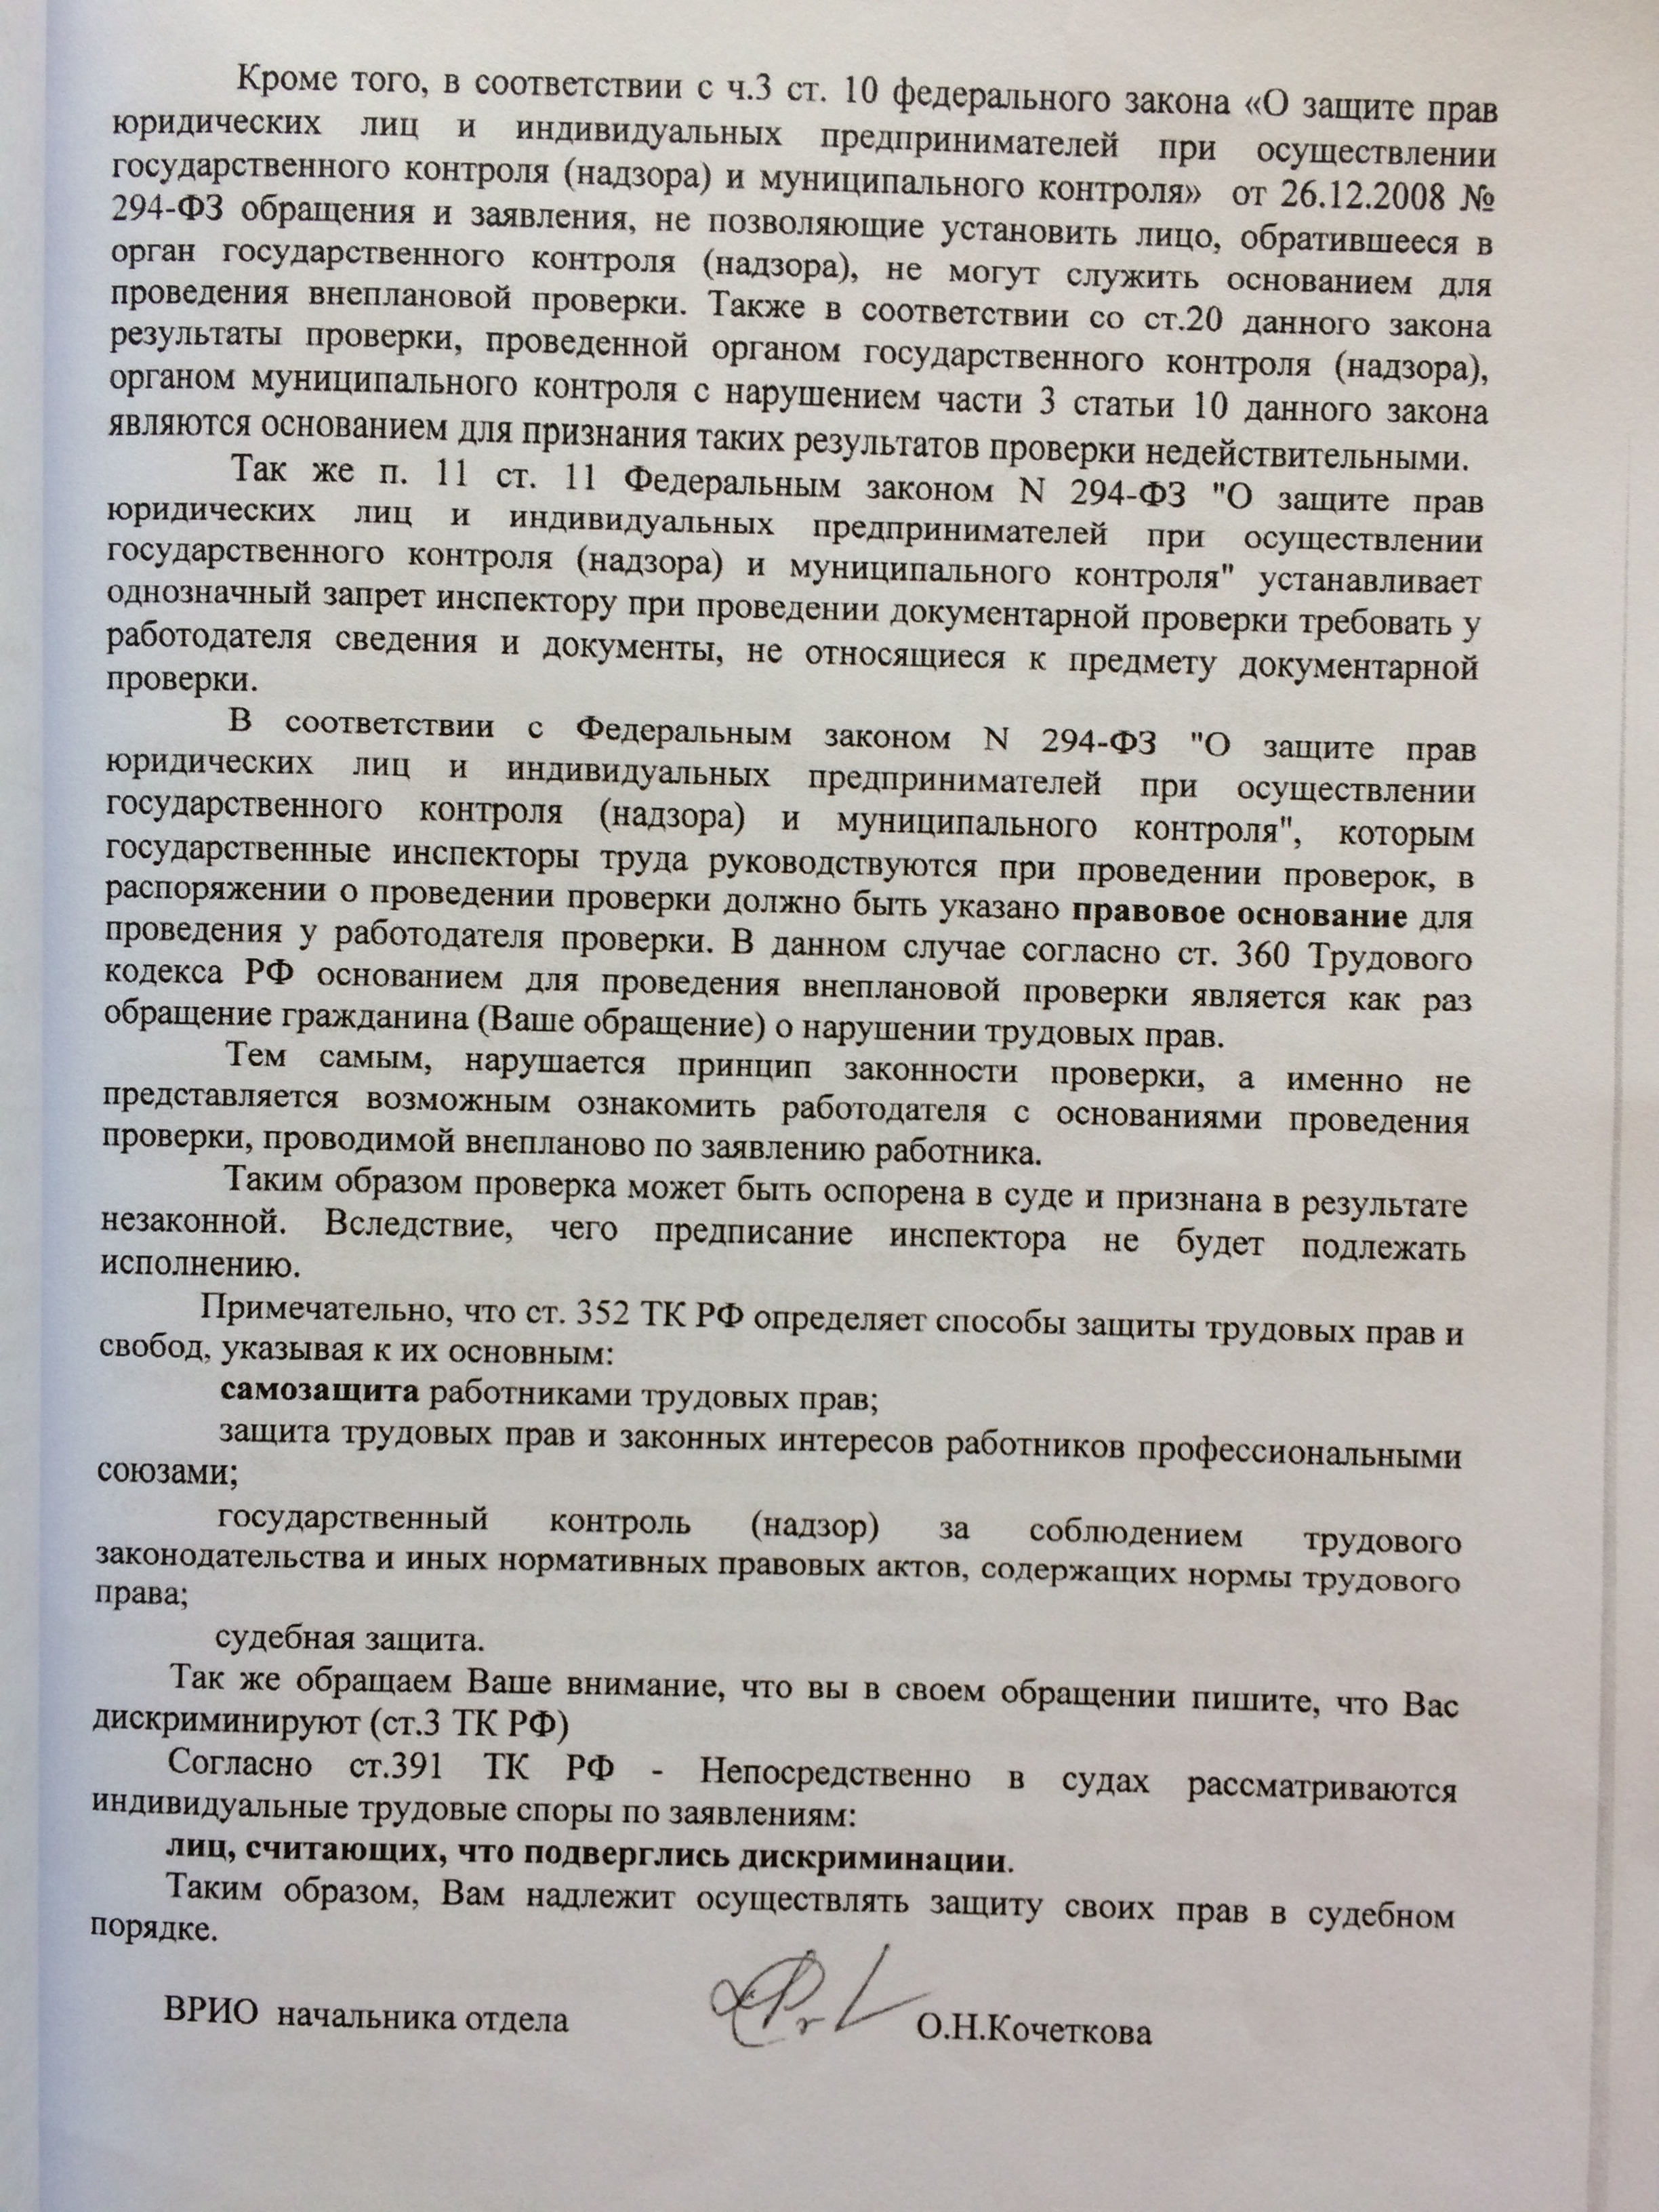 Фото документов проверки Луховицкой городской прокуратурой - 6 (5)